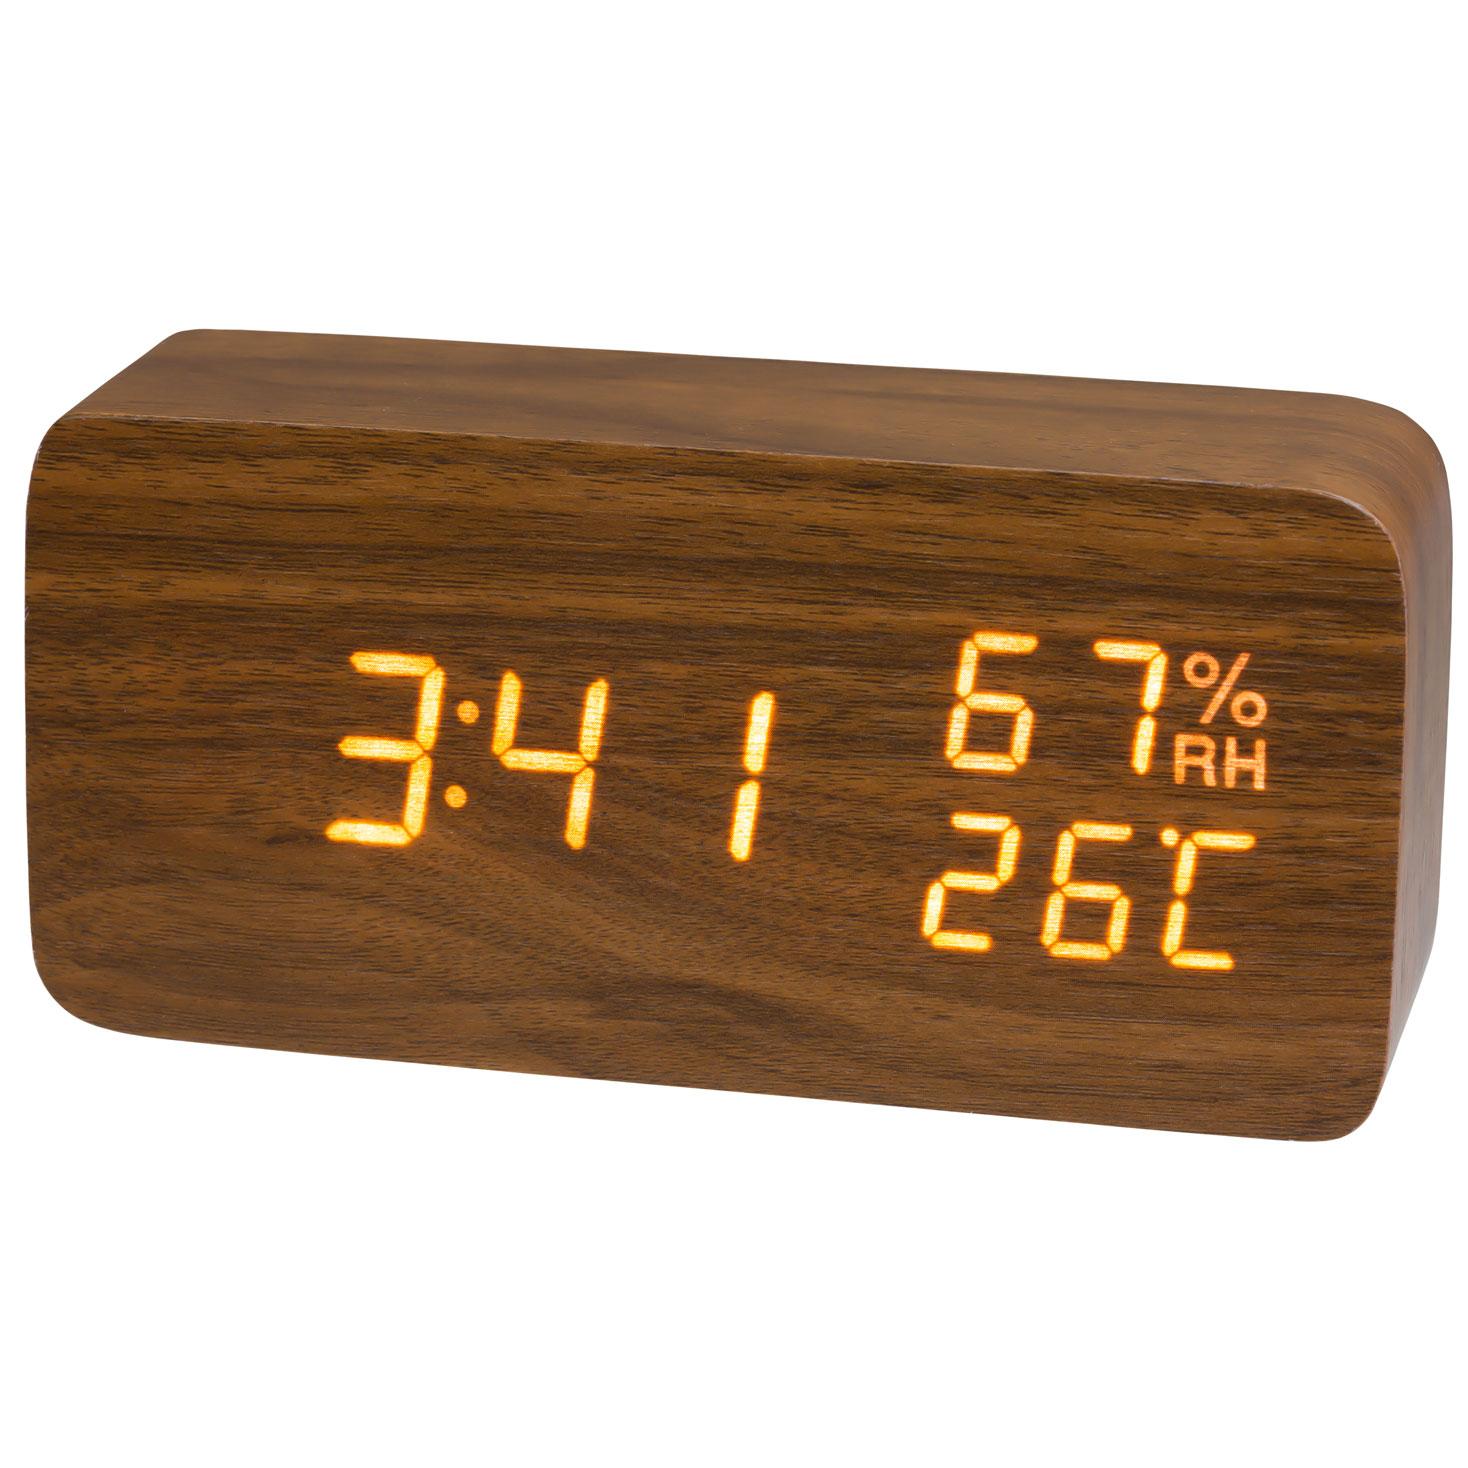 木目クロック 置き時計 目覚まし時計 木調 温度 湿度 インテリア ウッド LED PLUSDECO プラスデコ【IAC-5655】